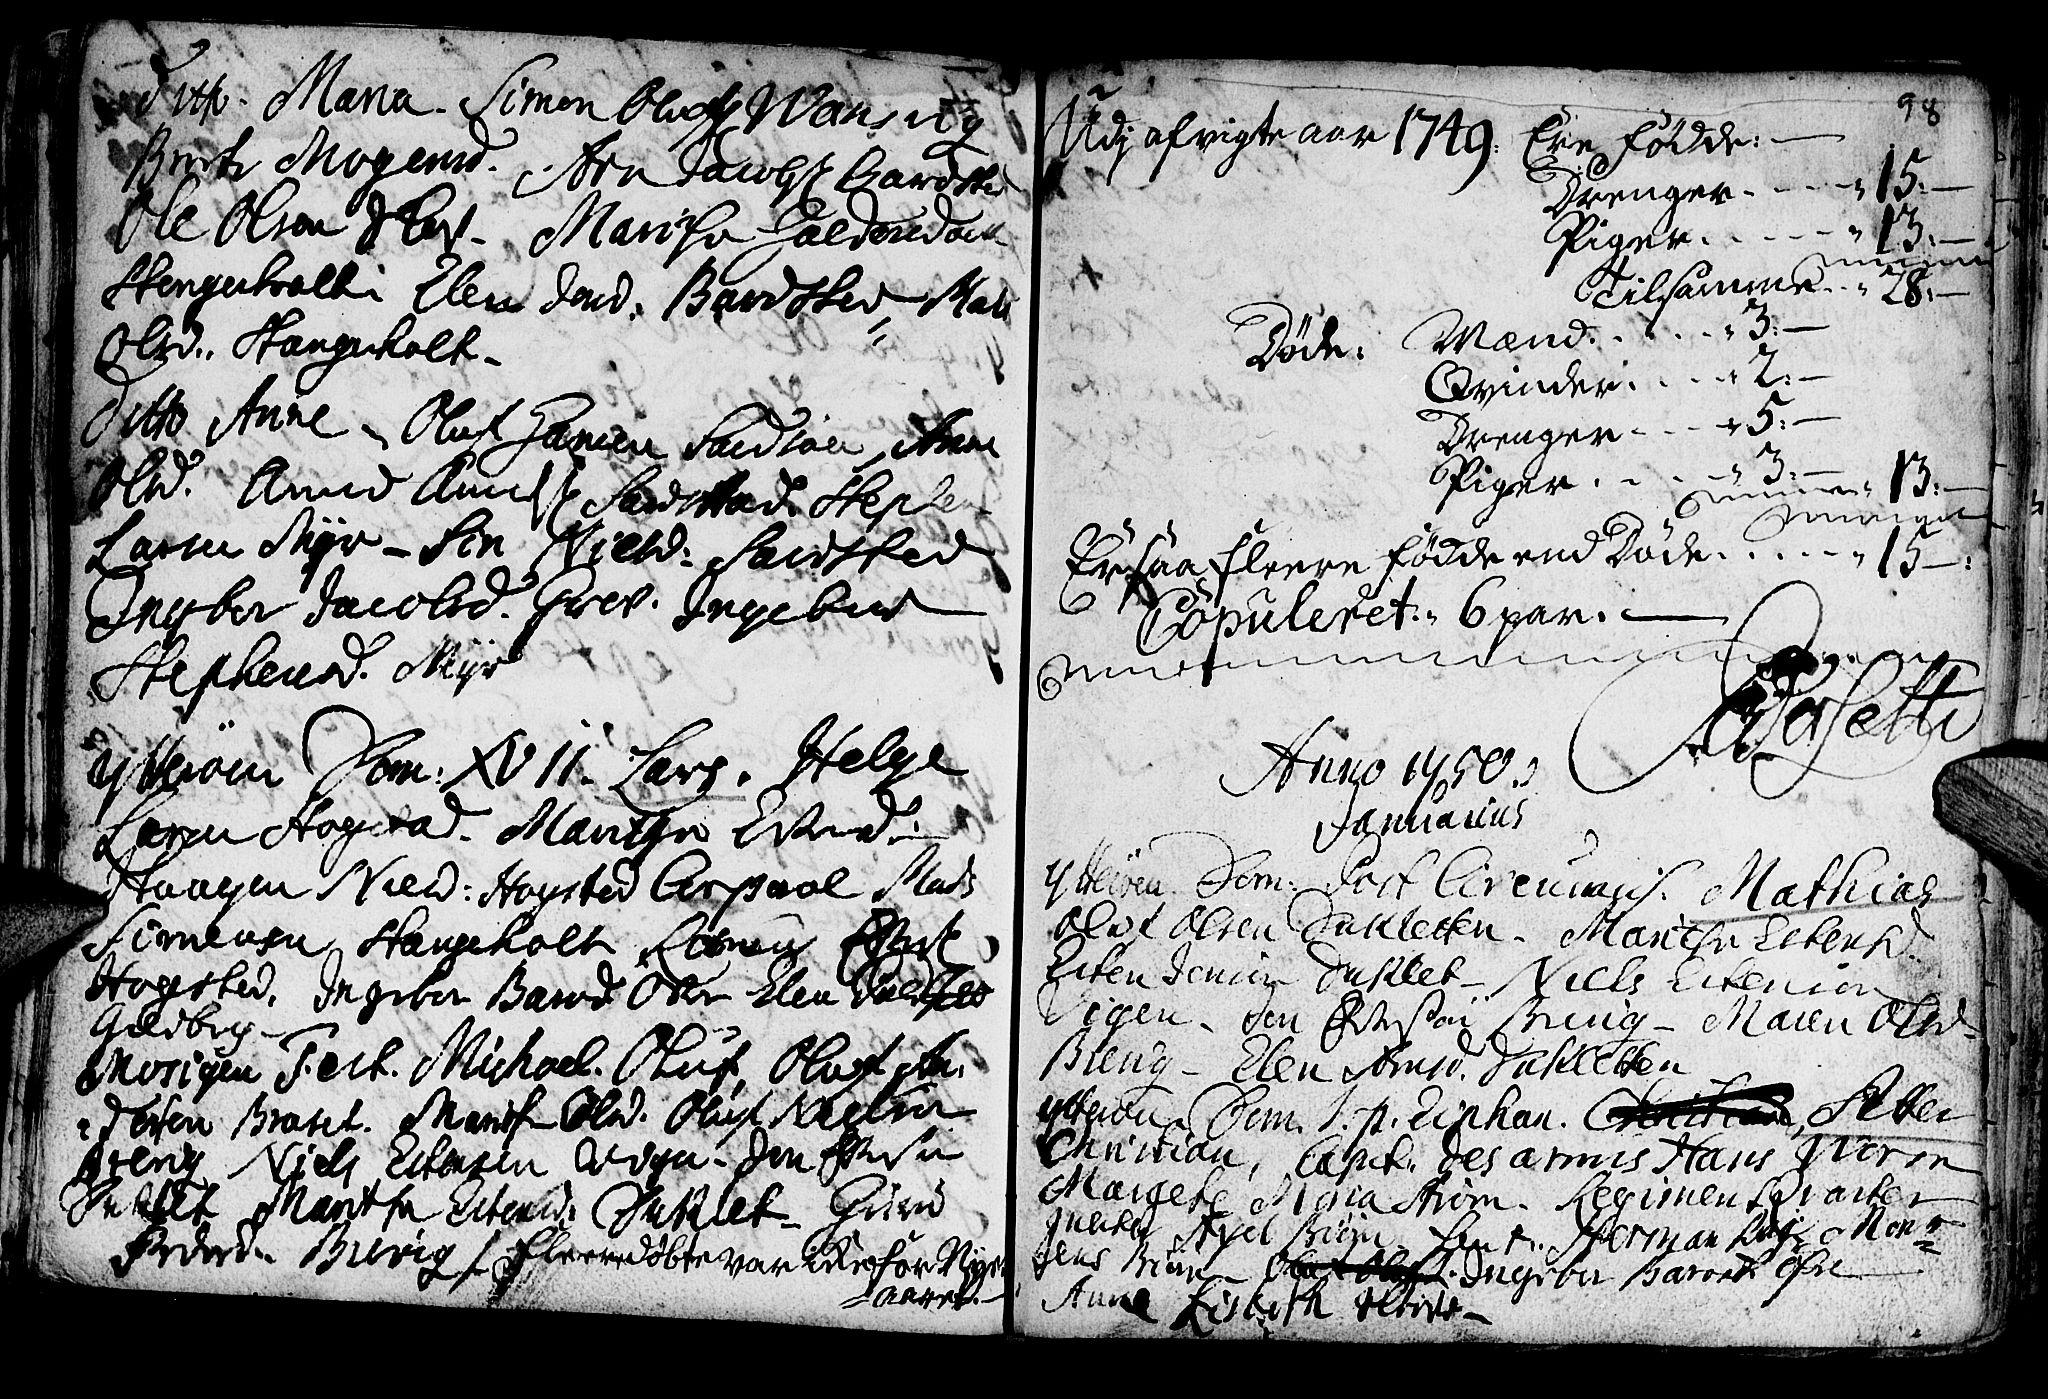 SAT, Ministerialprotokoller, klokkerbøker og fødselsregistre - Nord-Trøndelag, 722/L0215: Ministerialbok nr. 722A02, 1718-1755, s. 98